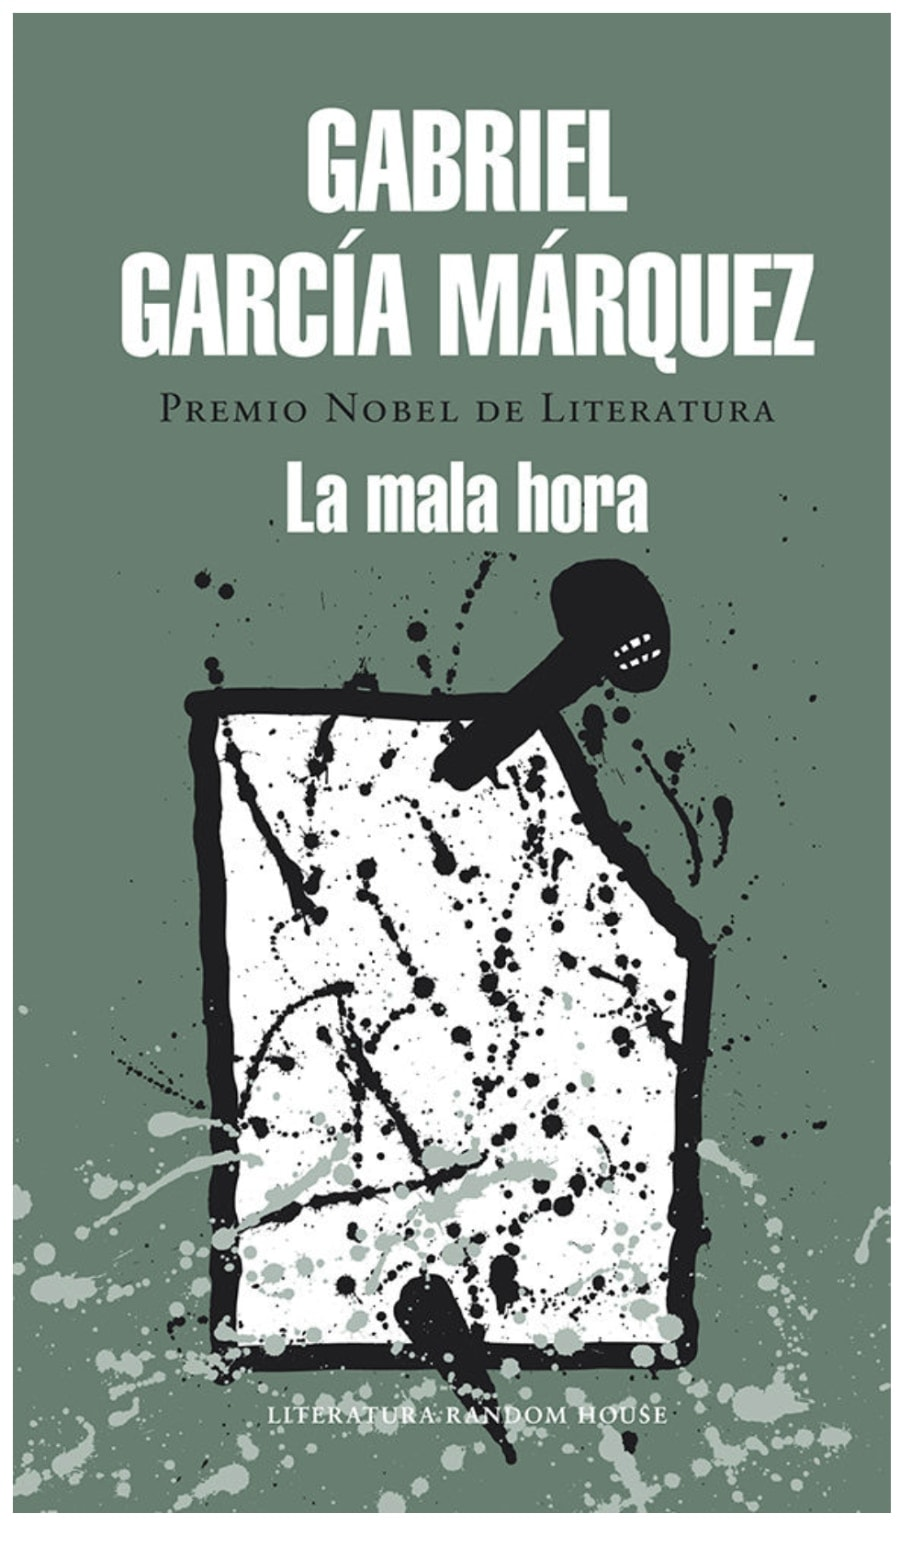 La mala hora de Gabriel Garcia Marquez